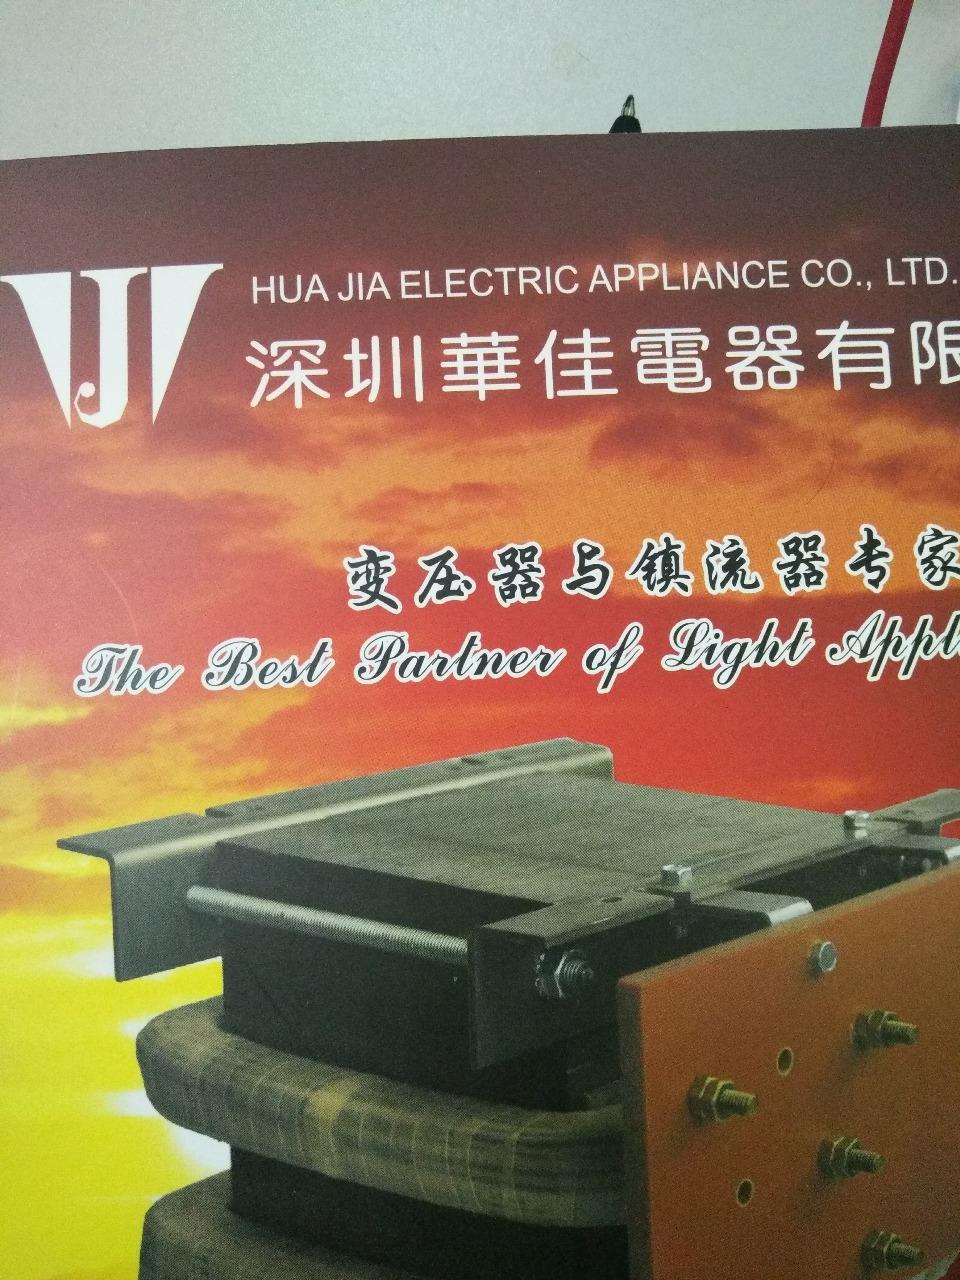 深圳华佳电器有限公司 最新采购和商业信息